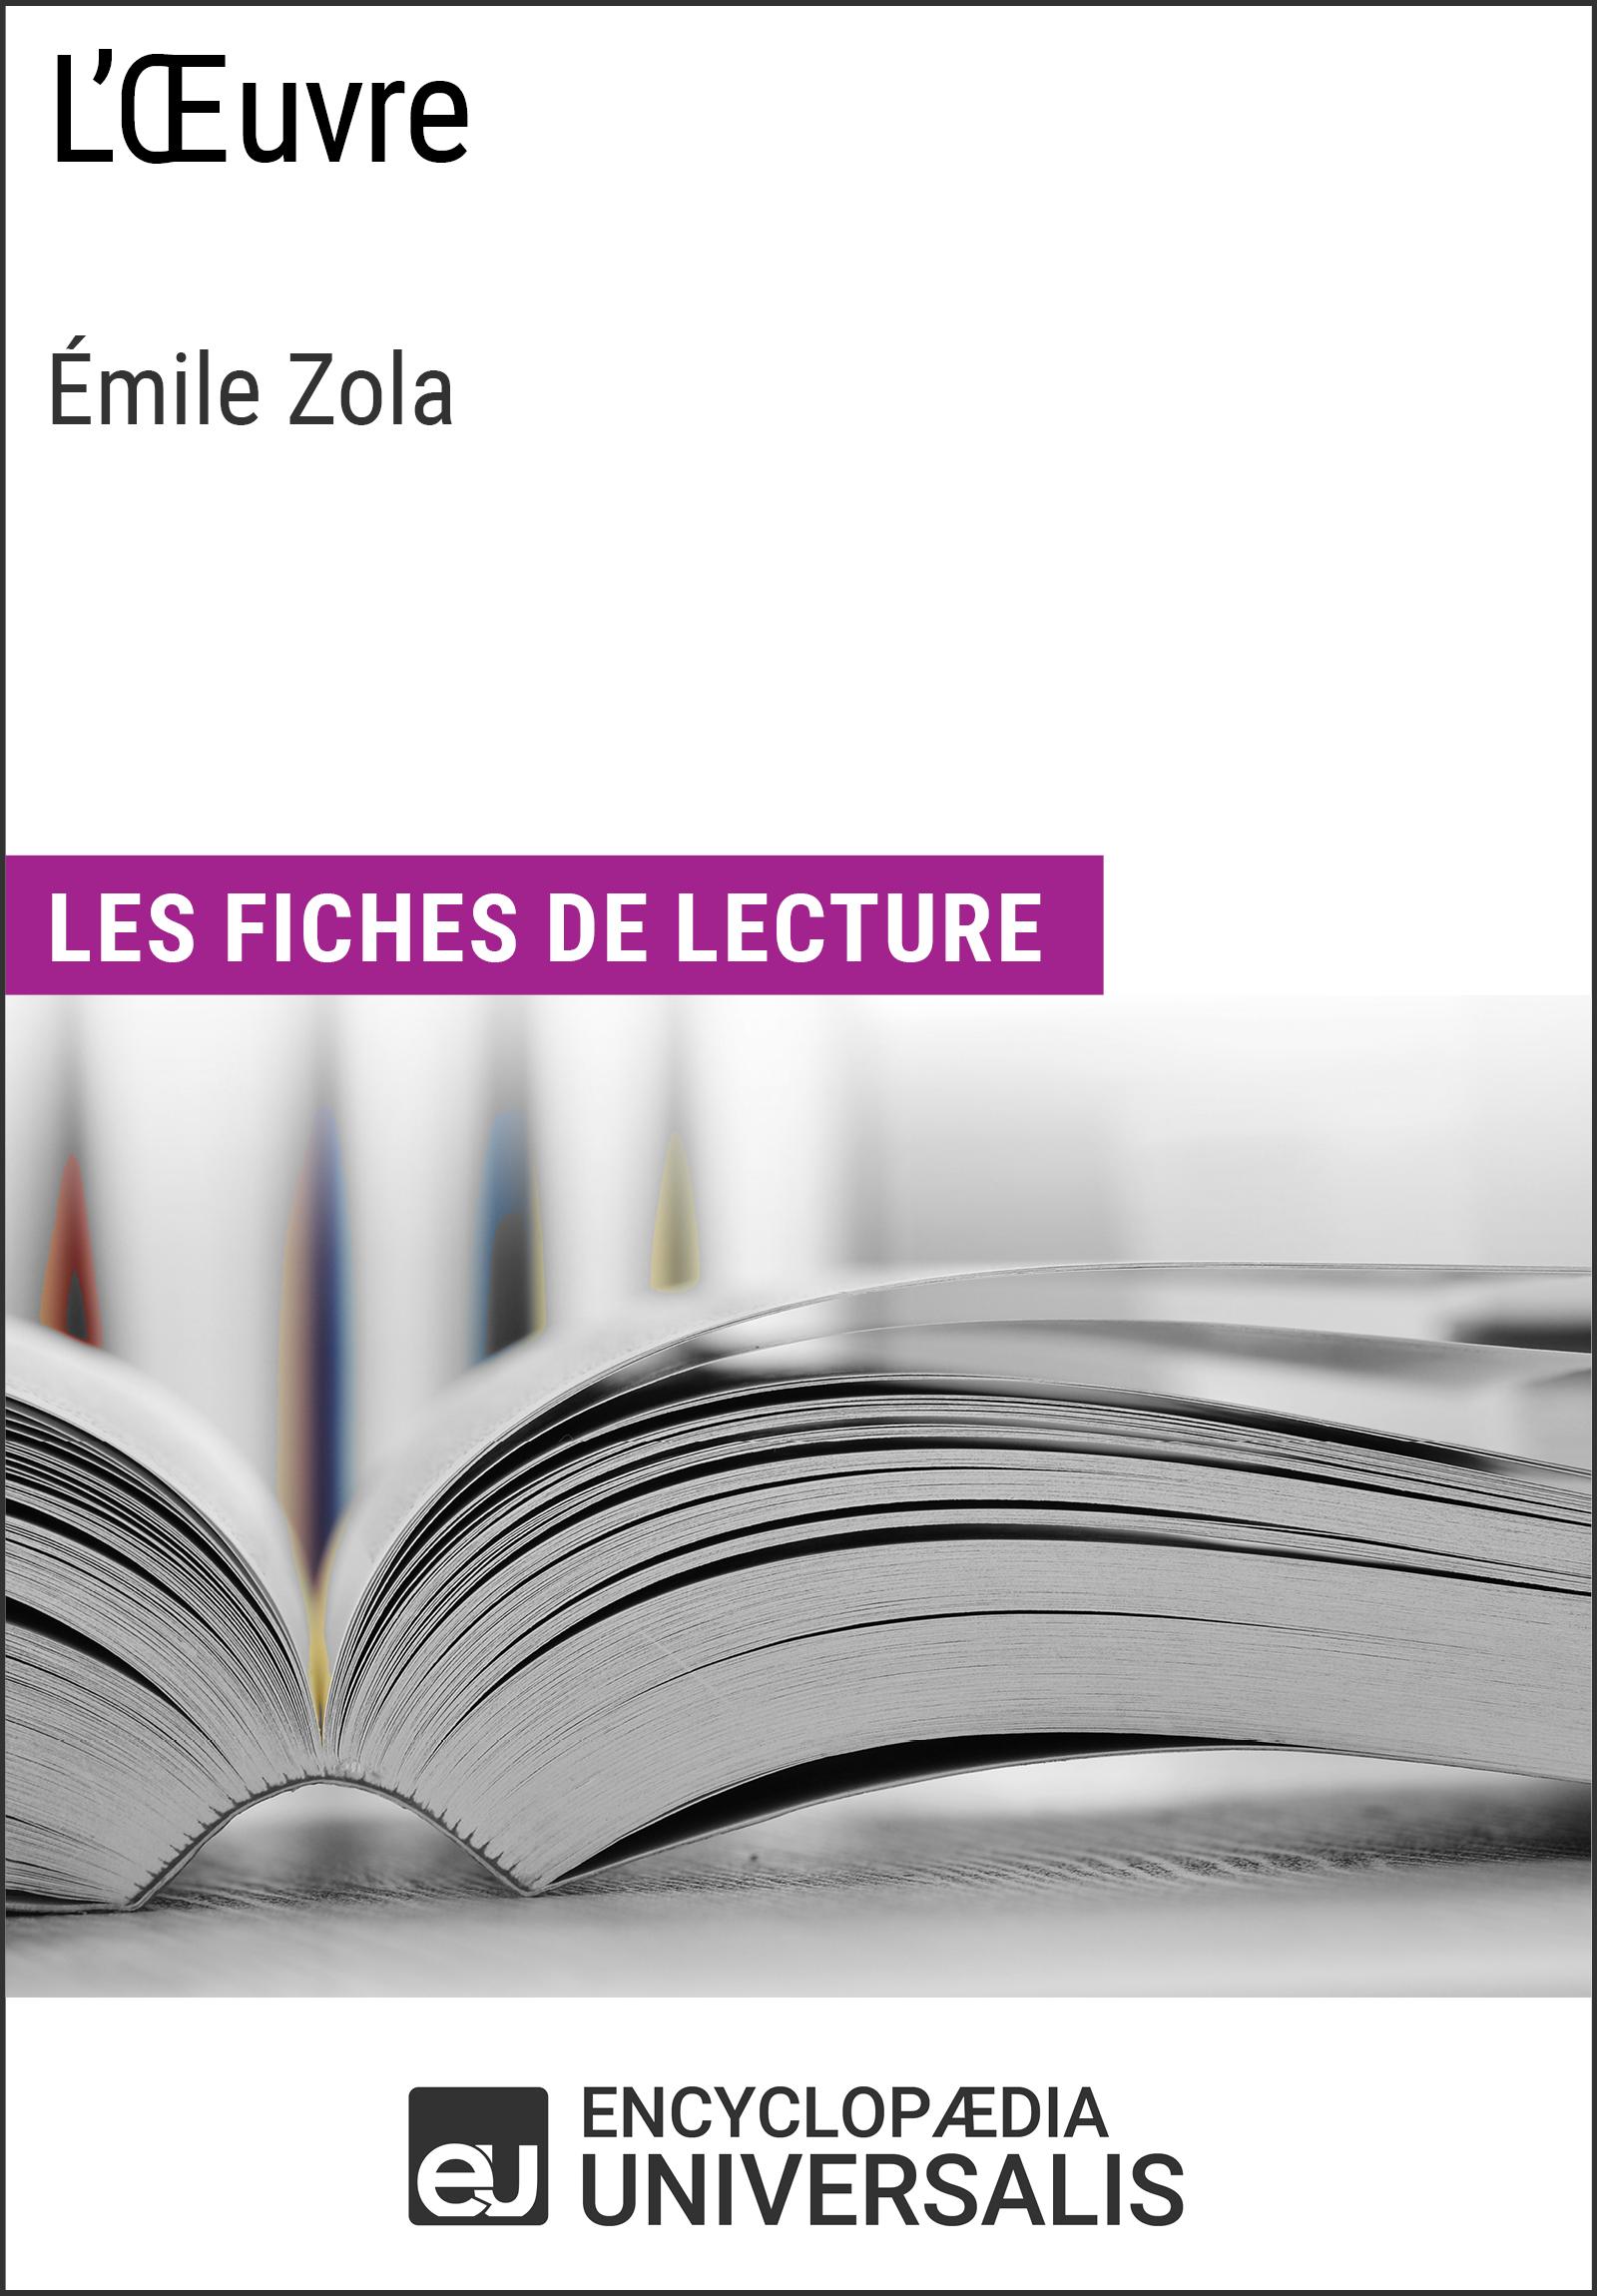 L'Oeuvre d'Émile Zola